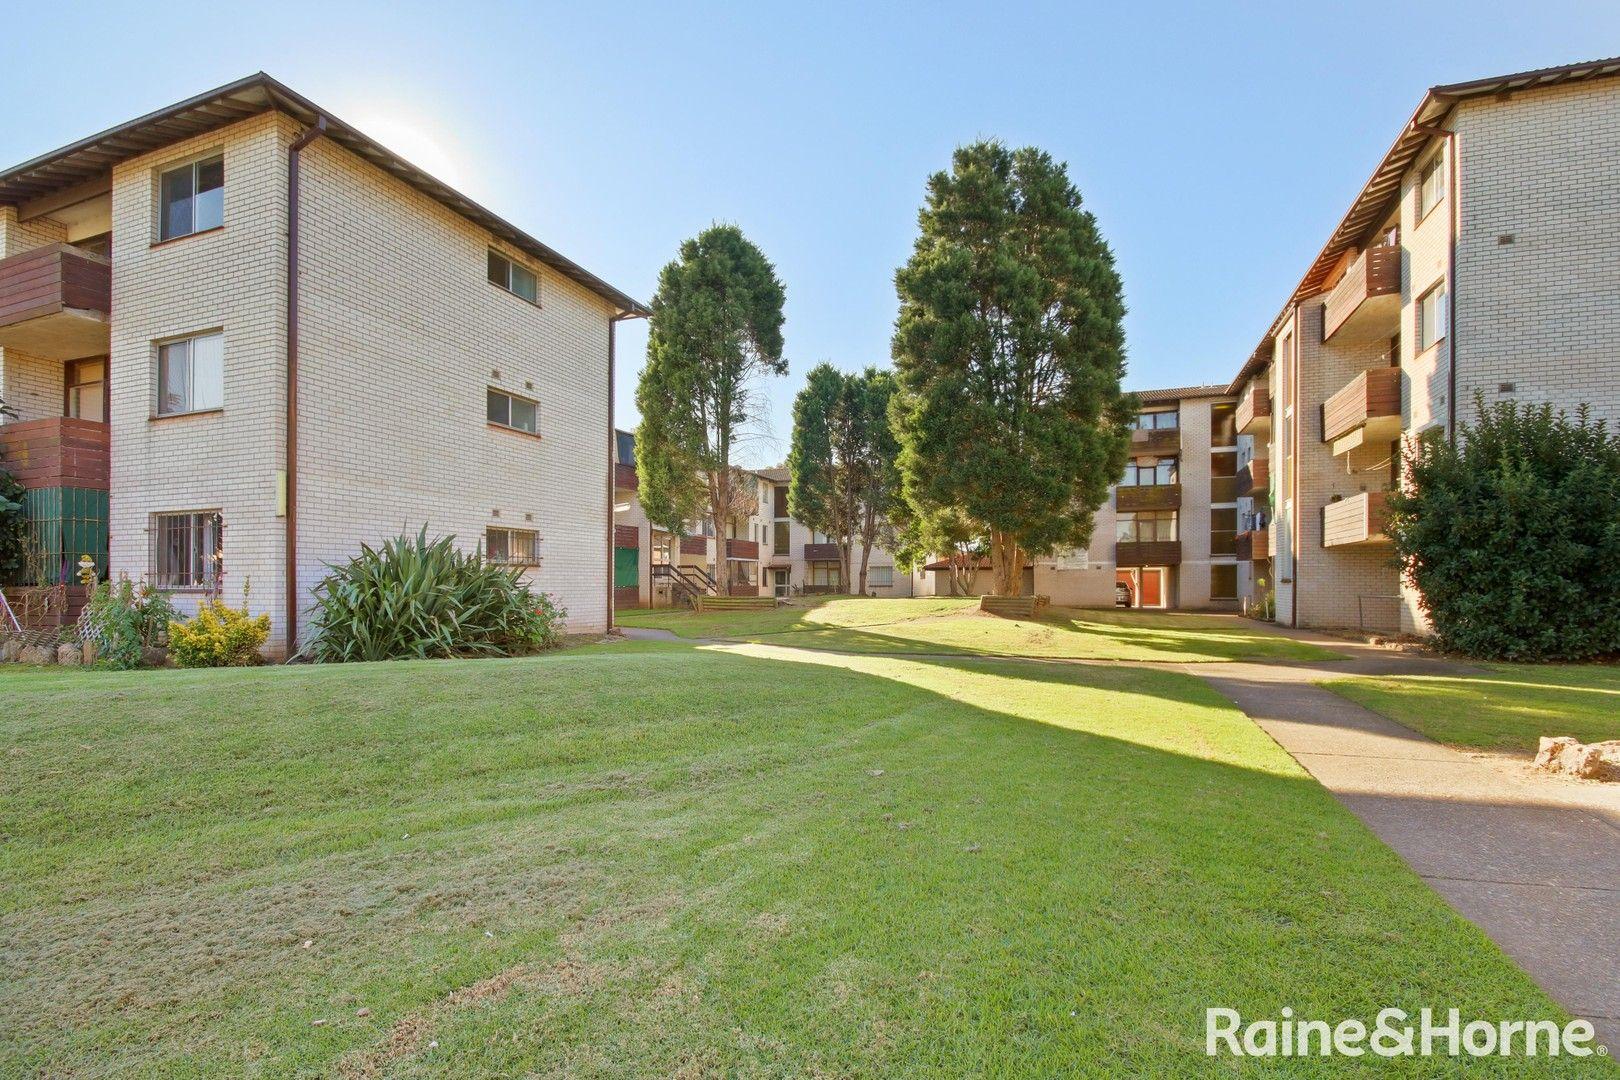 20/91-95 Saddington Street, St Marys NSW 2760, Image 0